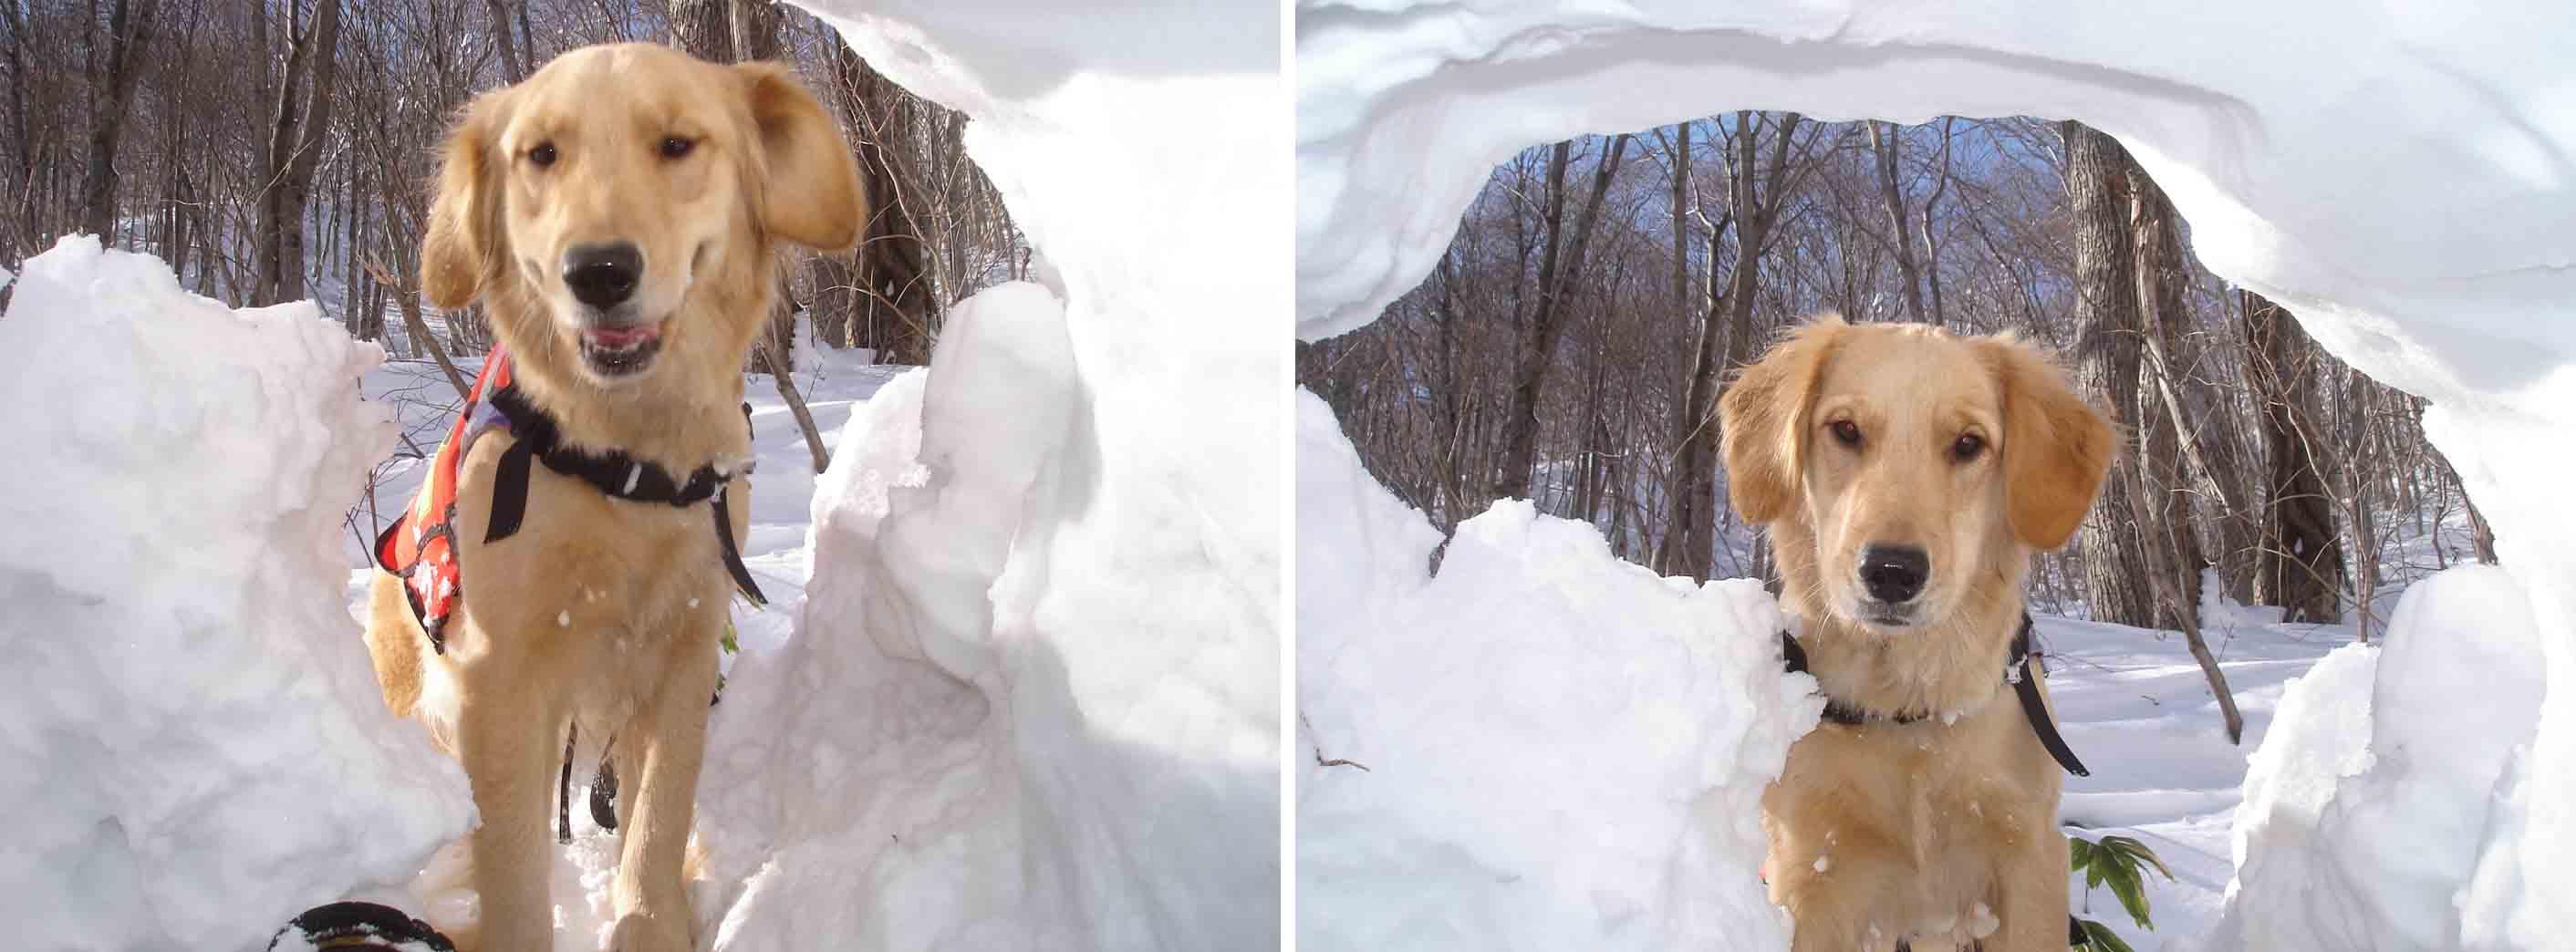 雪中デビューゴールデンの捜索Ⅰの①